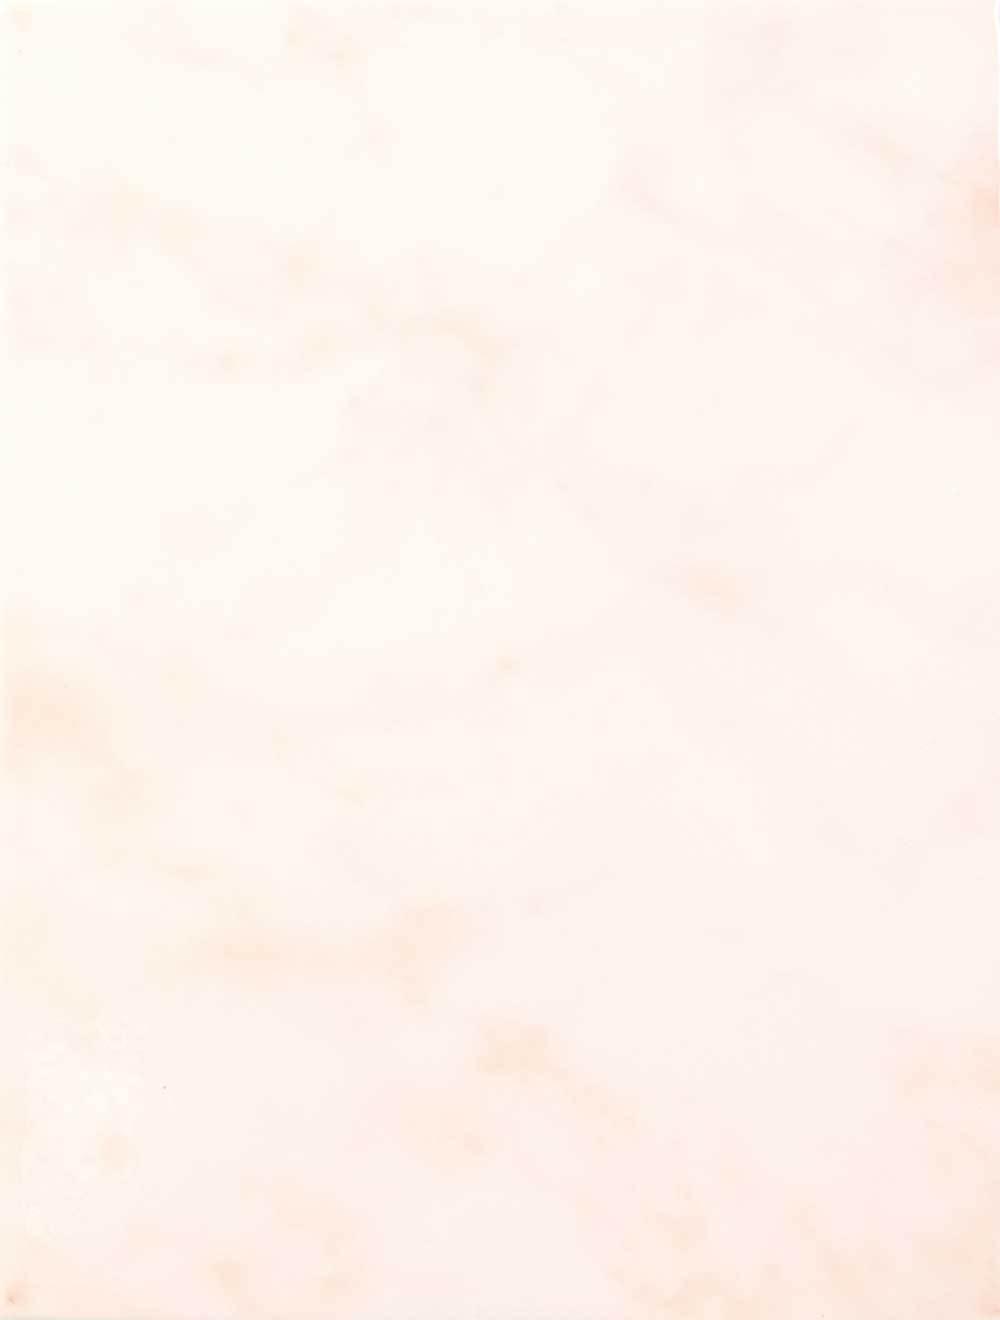 Керамическая плитка настенная Шахтинская  Антонио бордовый 330*250 (шт.) от Ravta